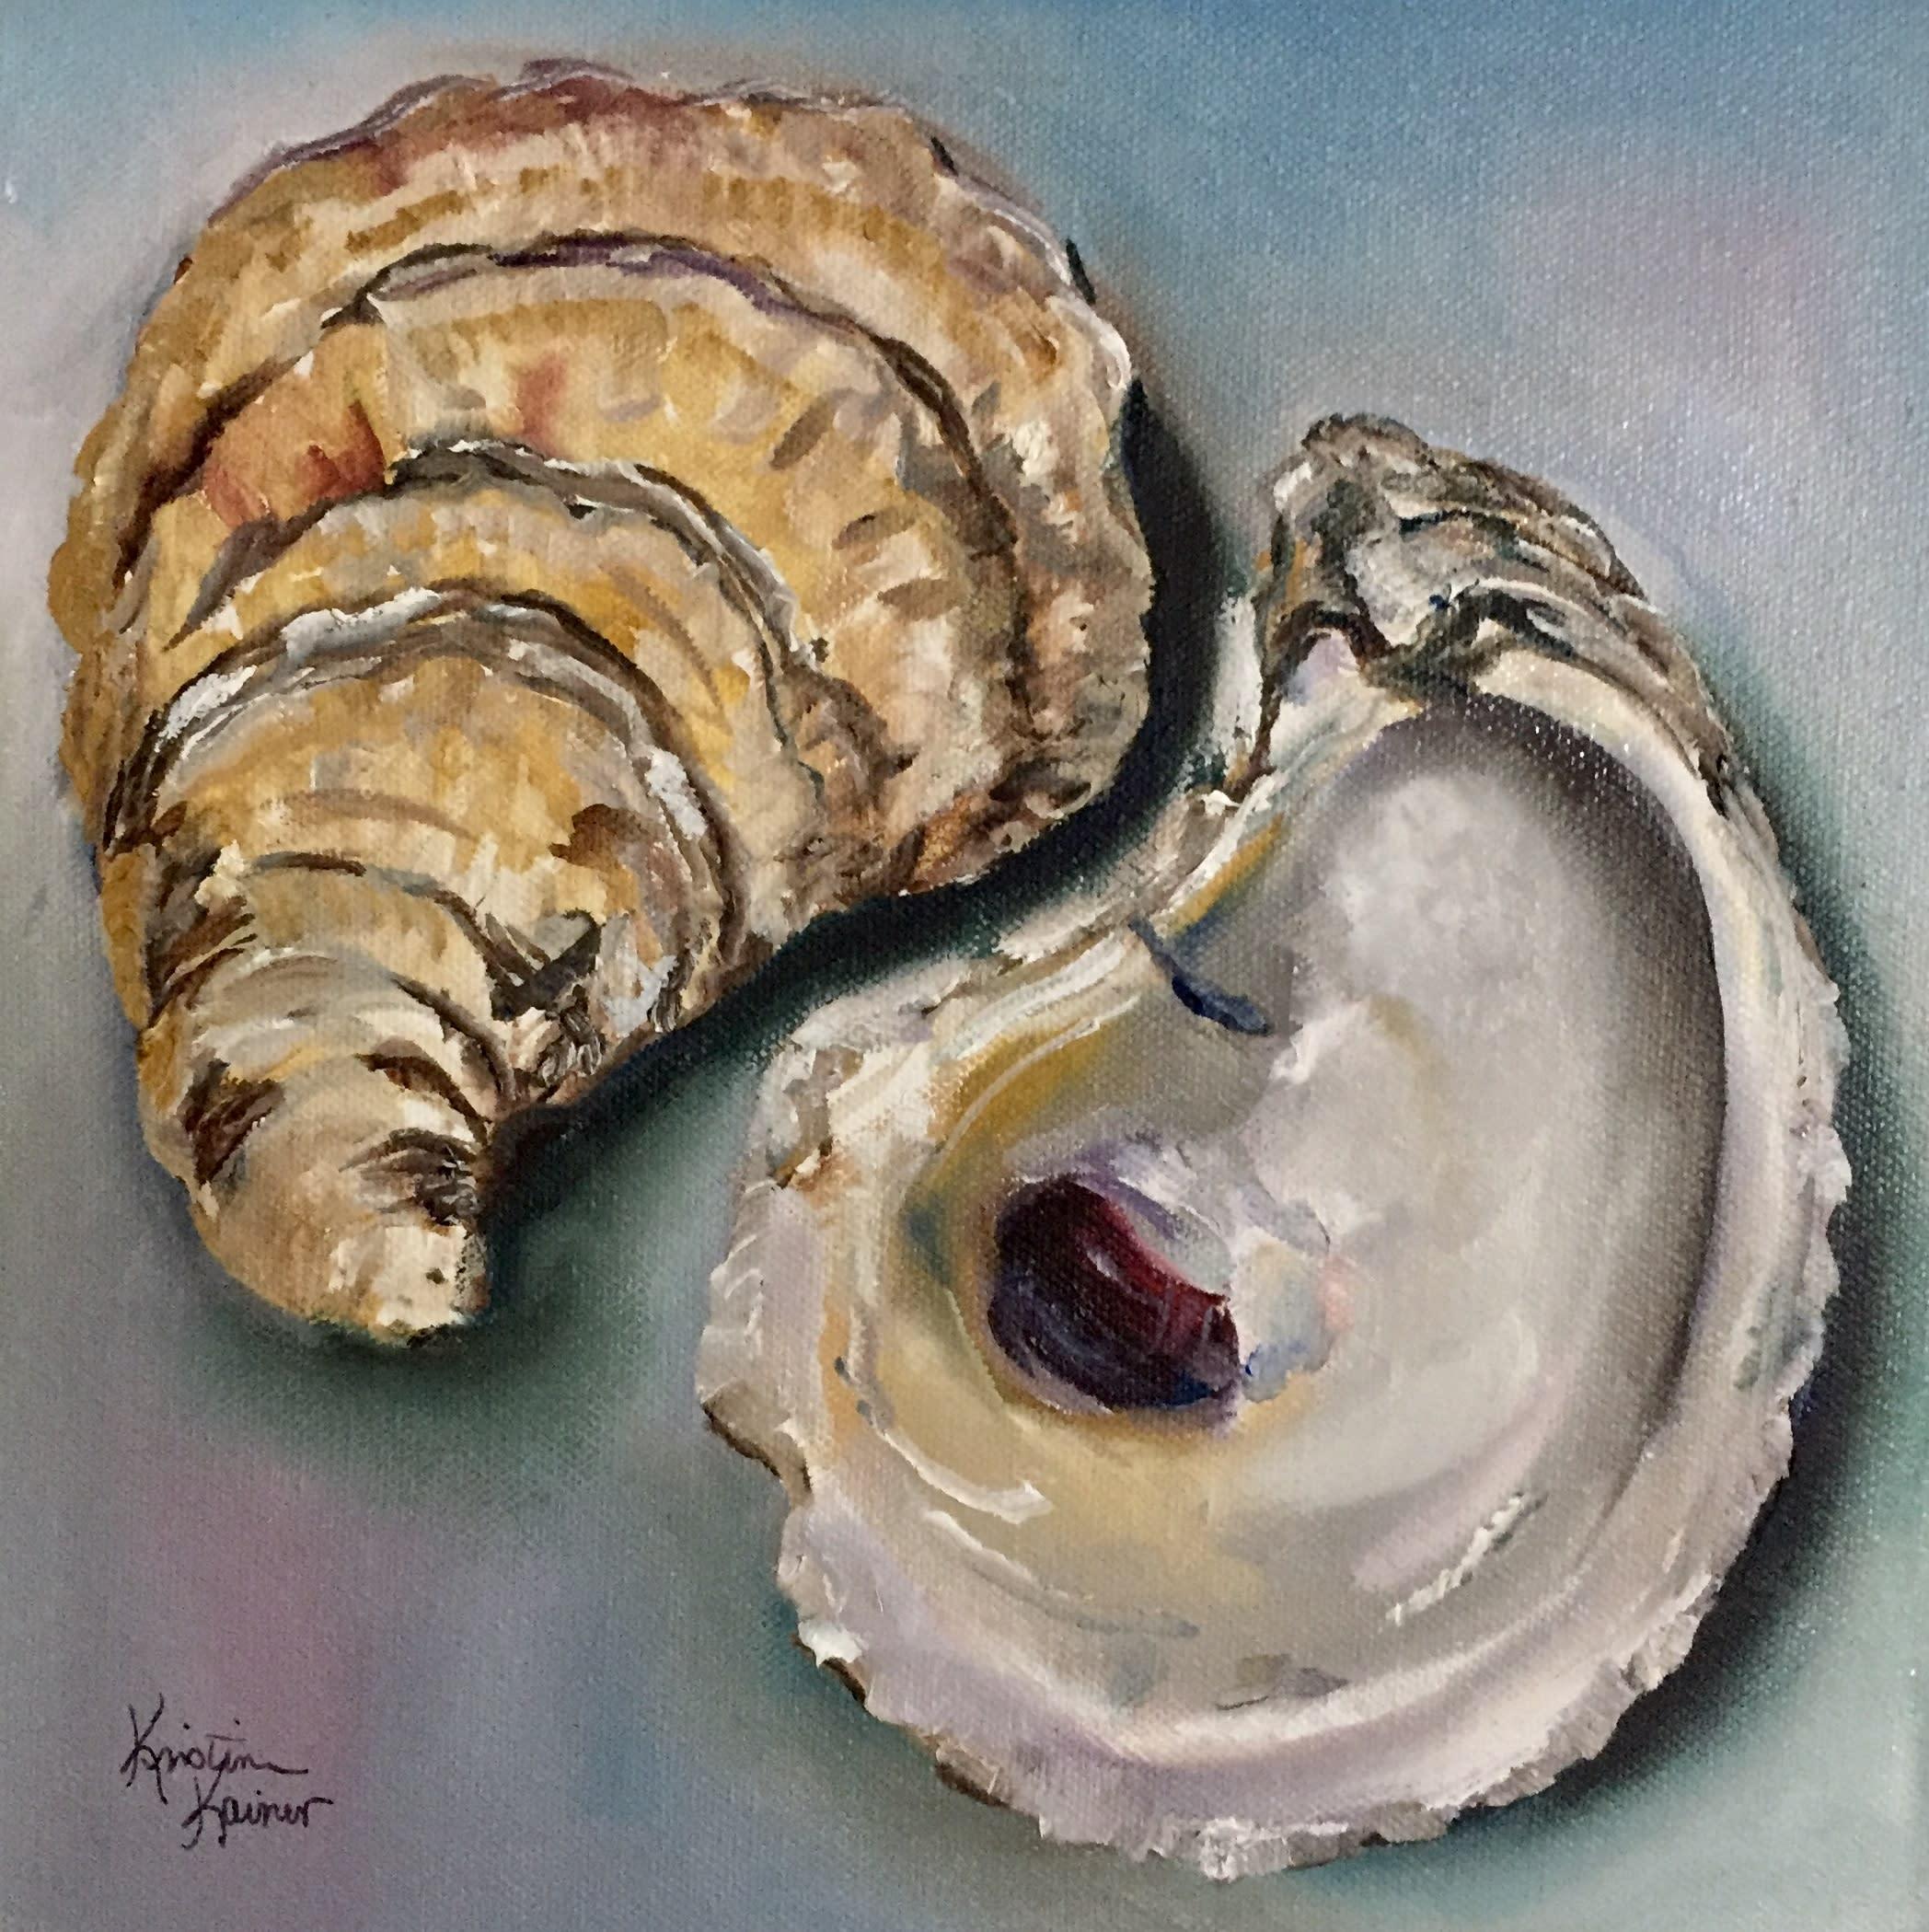 Oyster duet tp8ufx